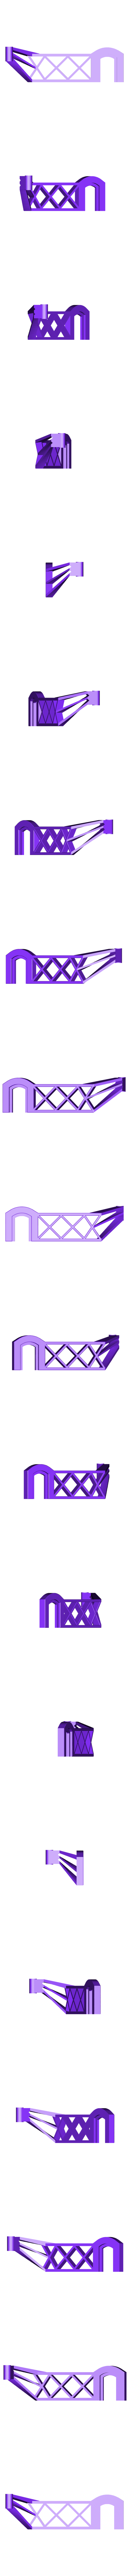 Side-spool-Arm-Left-2017.stl Télécharger fichier STL gratuit Porte-bobine latéral pour Flashforge • Plan pour imprimante 3D, itech3dp